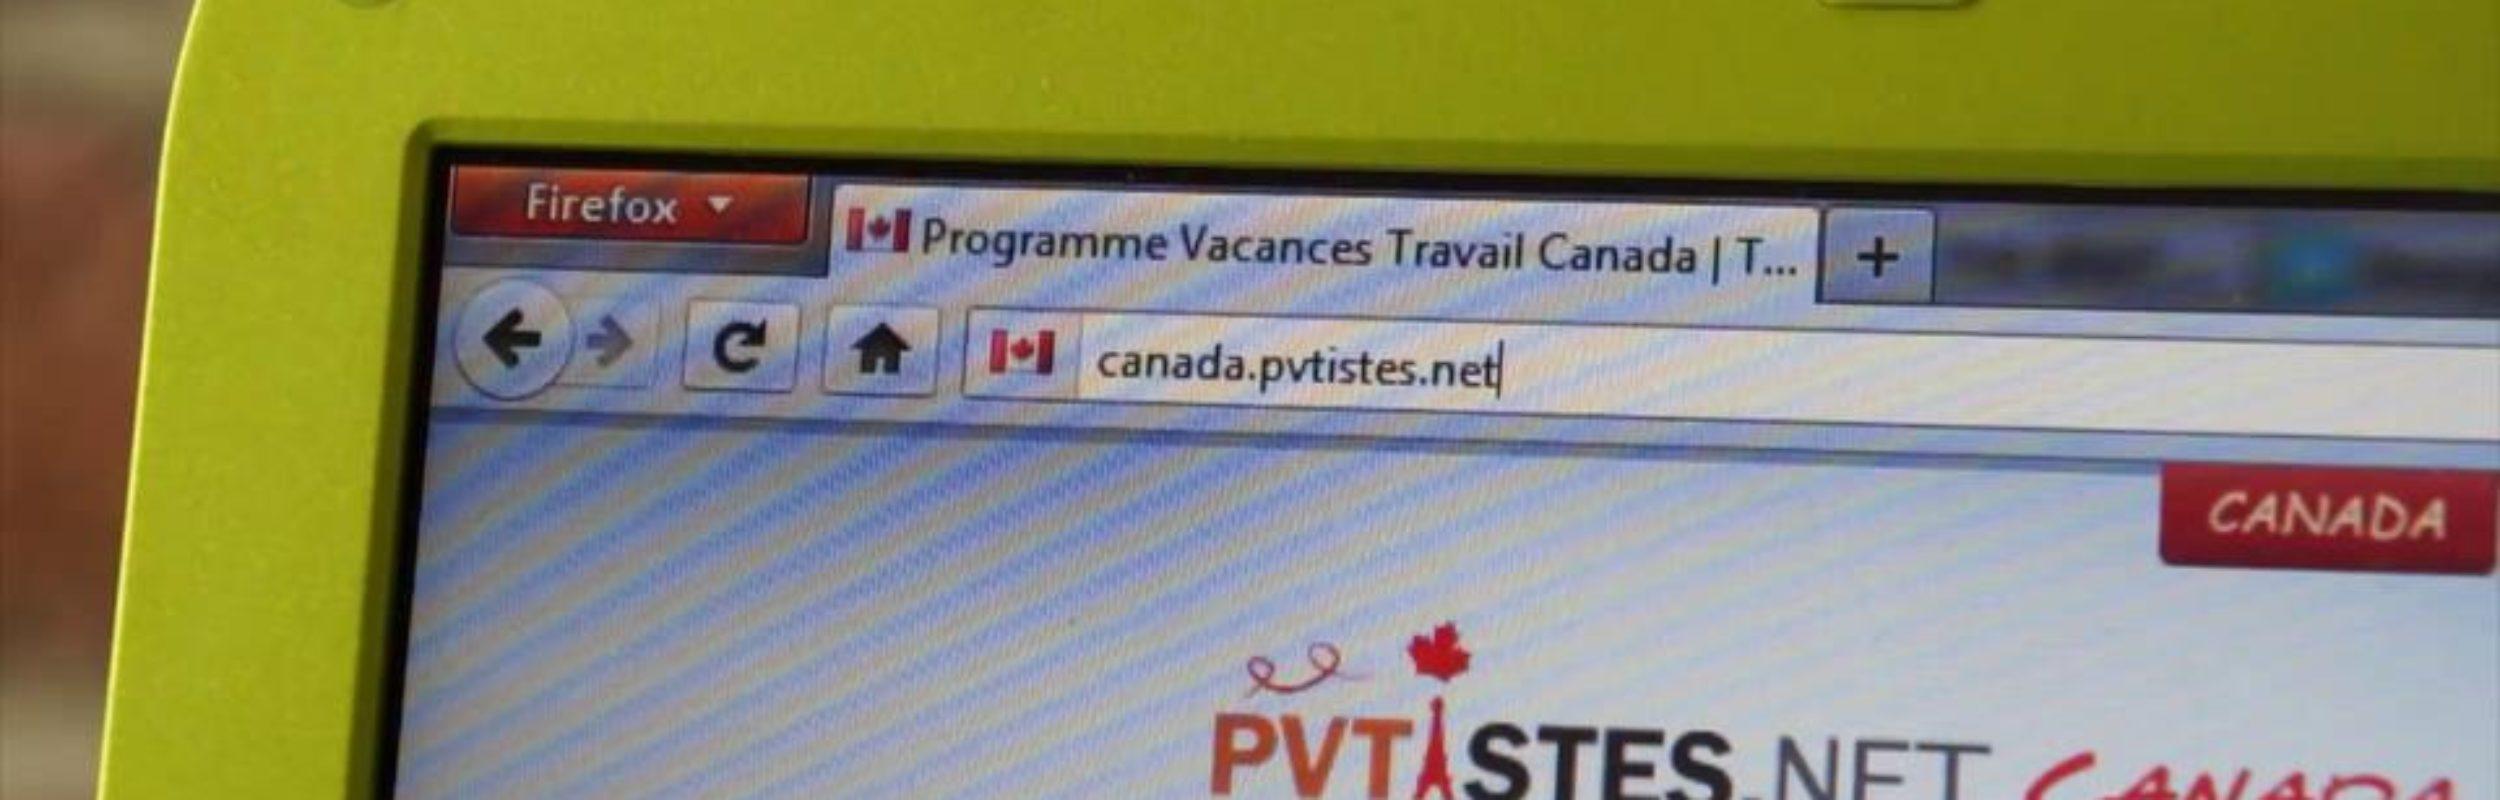 Les conseils de Béné la Malice 1 : Préparer son PVT Canada